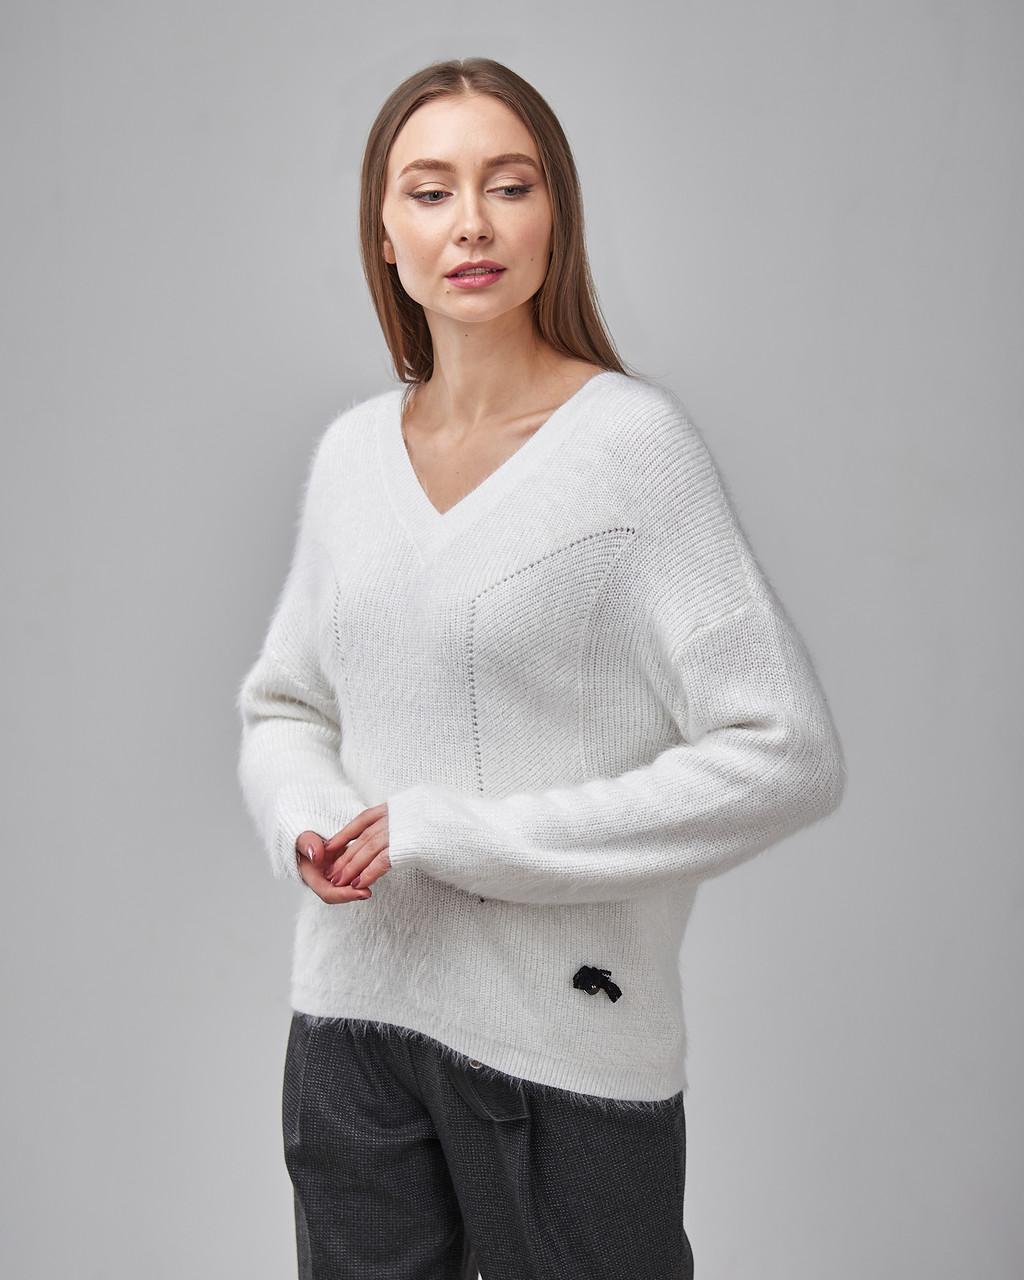 Женский свитер белого цвета Serianno. Турция